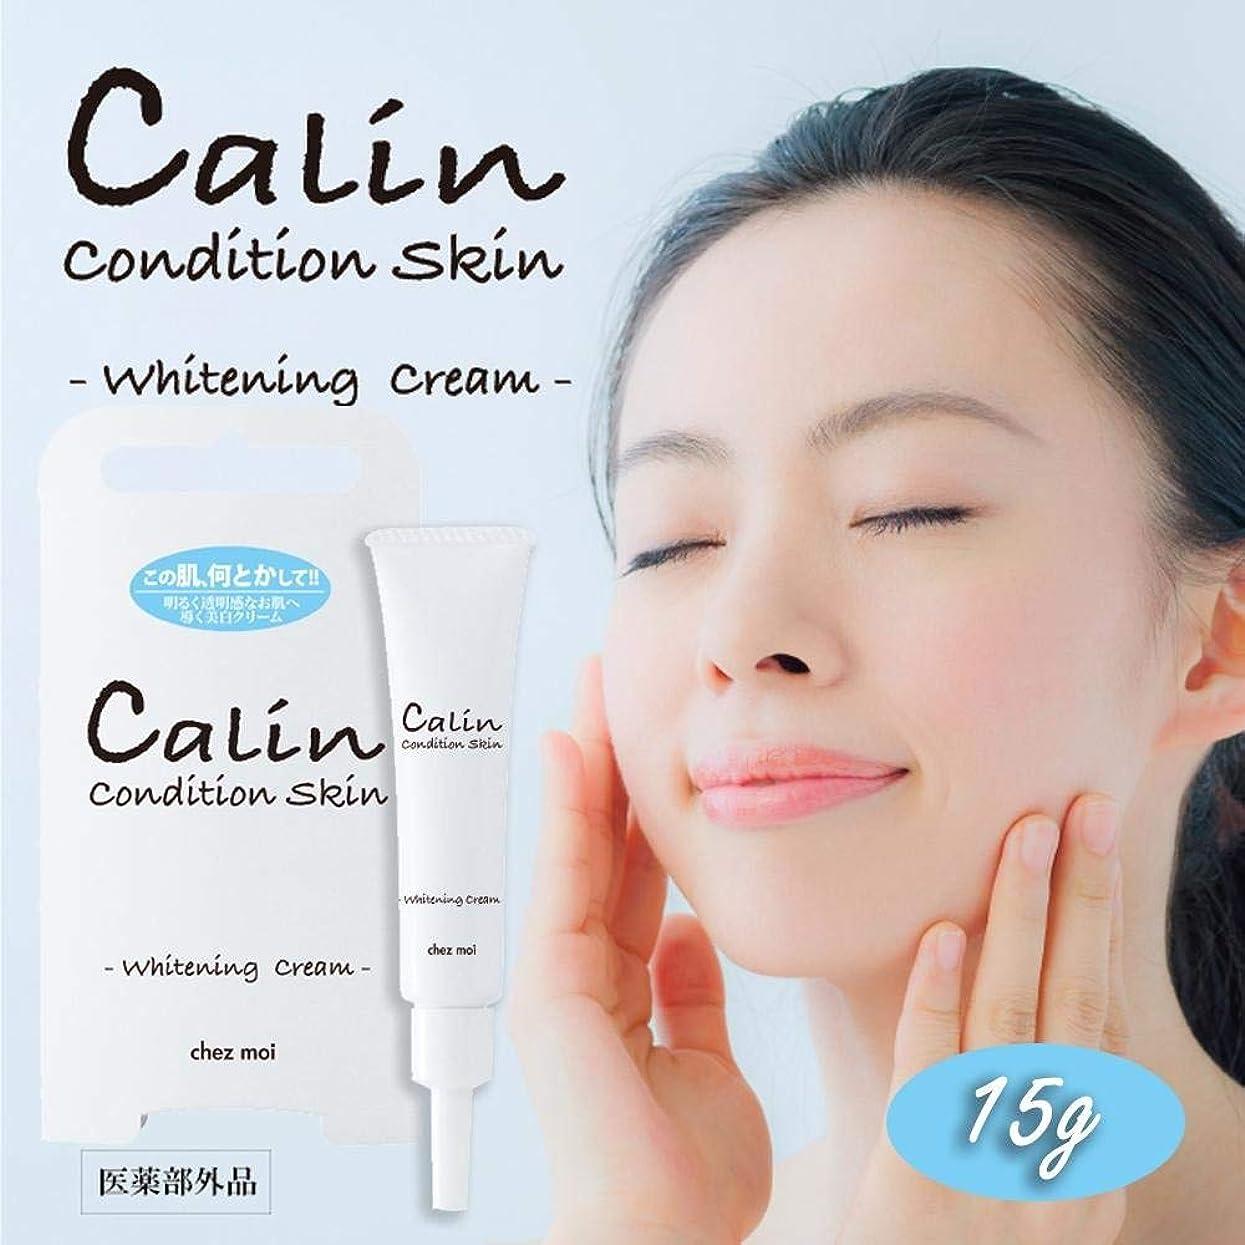 。ハックあざCalin(カリン) Condition Skin ‐Whitening Cream‐(ホワイトニングクリーム) 医薬部外品 15g